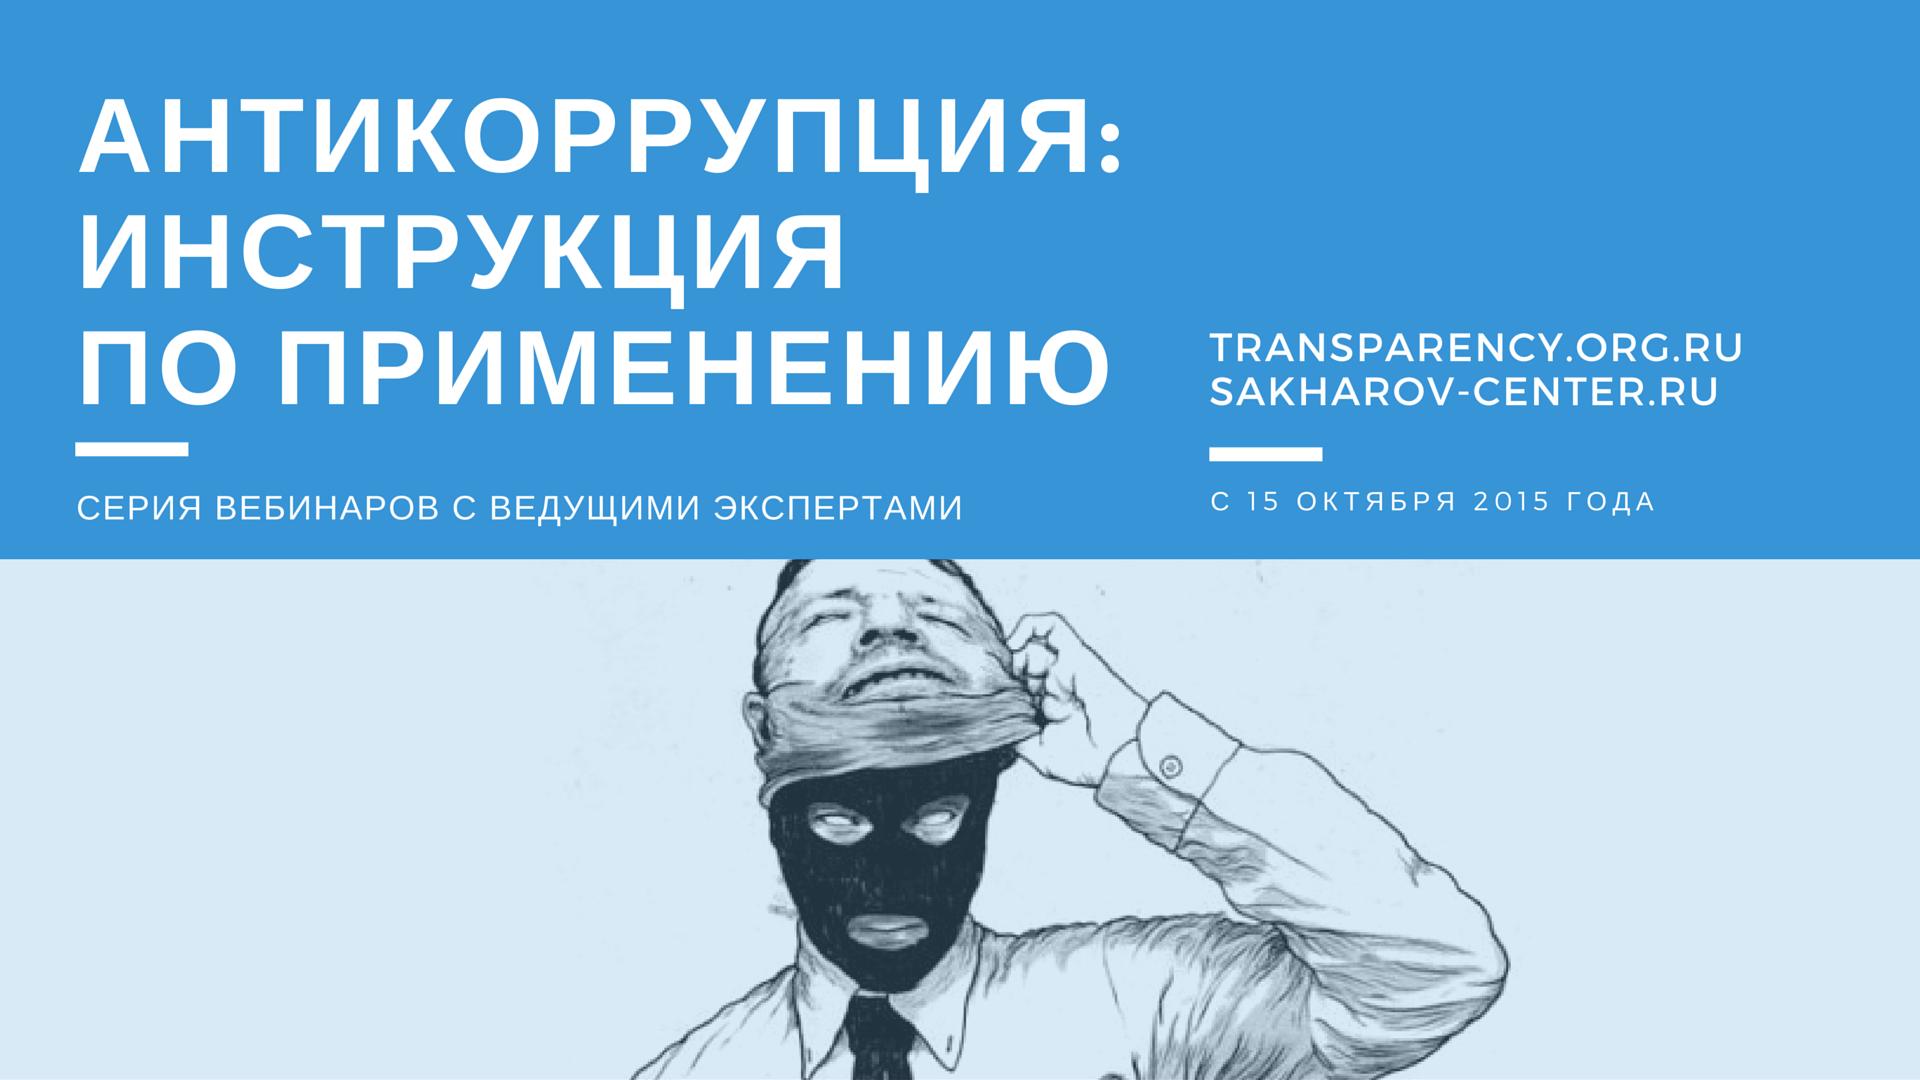 «Антикоррупция: инструкция по применению»: серия вебинаров Центра ТИ-Р / События на TimePad.ru